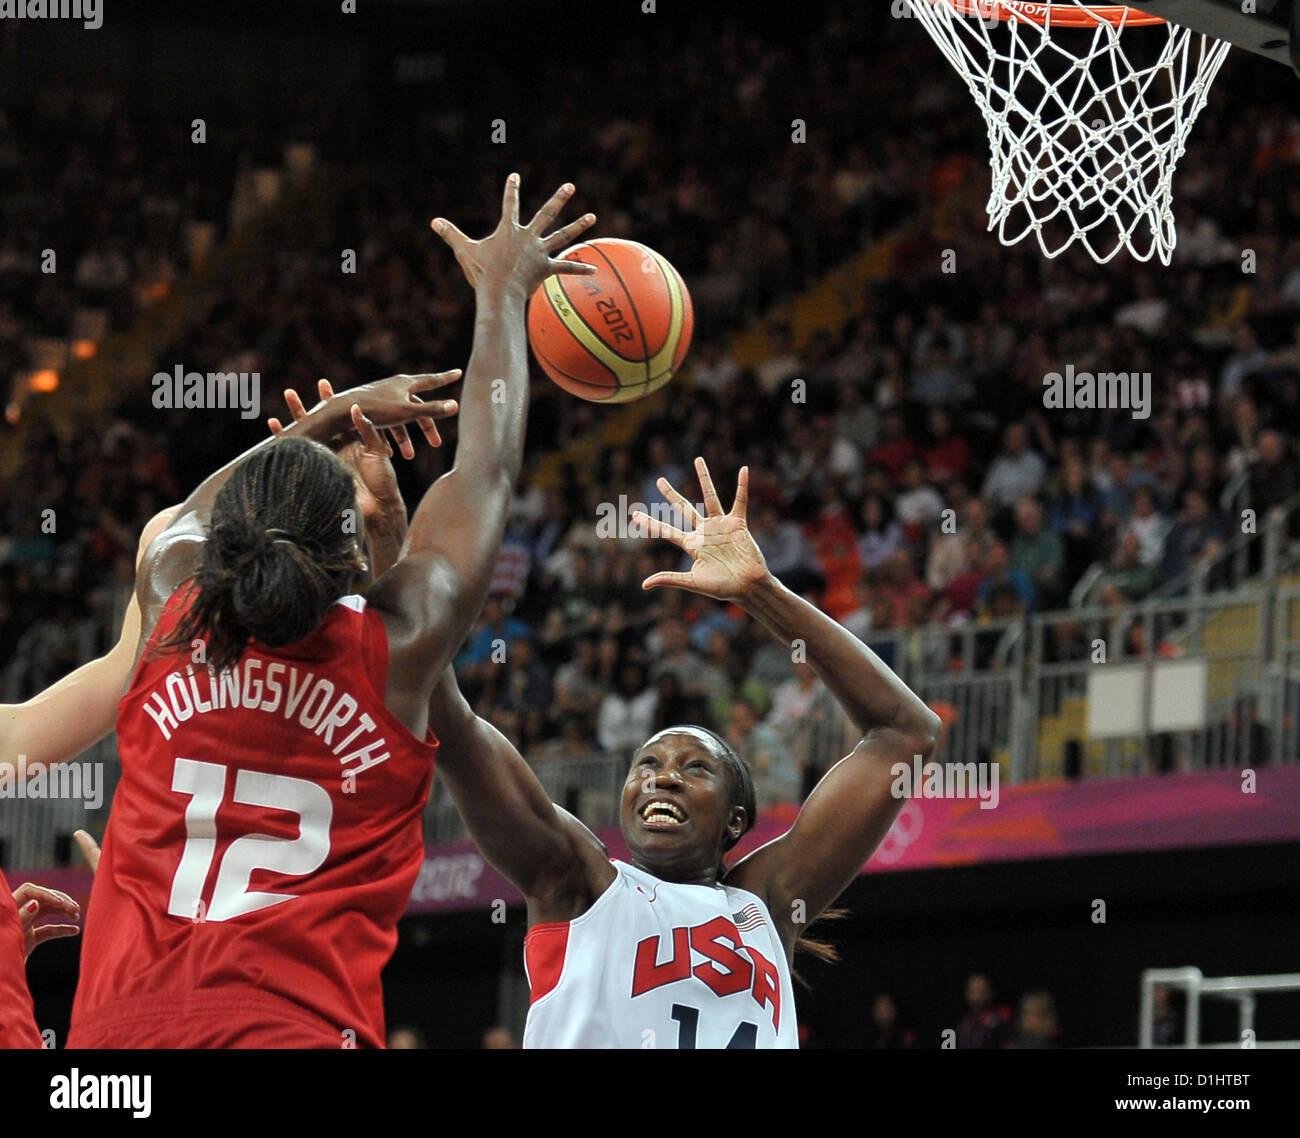 USA's Tina Charles (USA) and Turkey's Kuanitra Holingsvorth (TUR). USA Vs TUR Womens Basketball - Stock Image